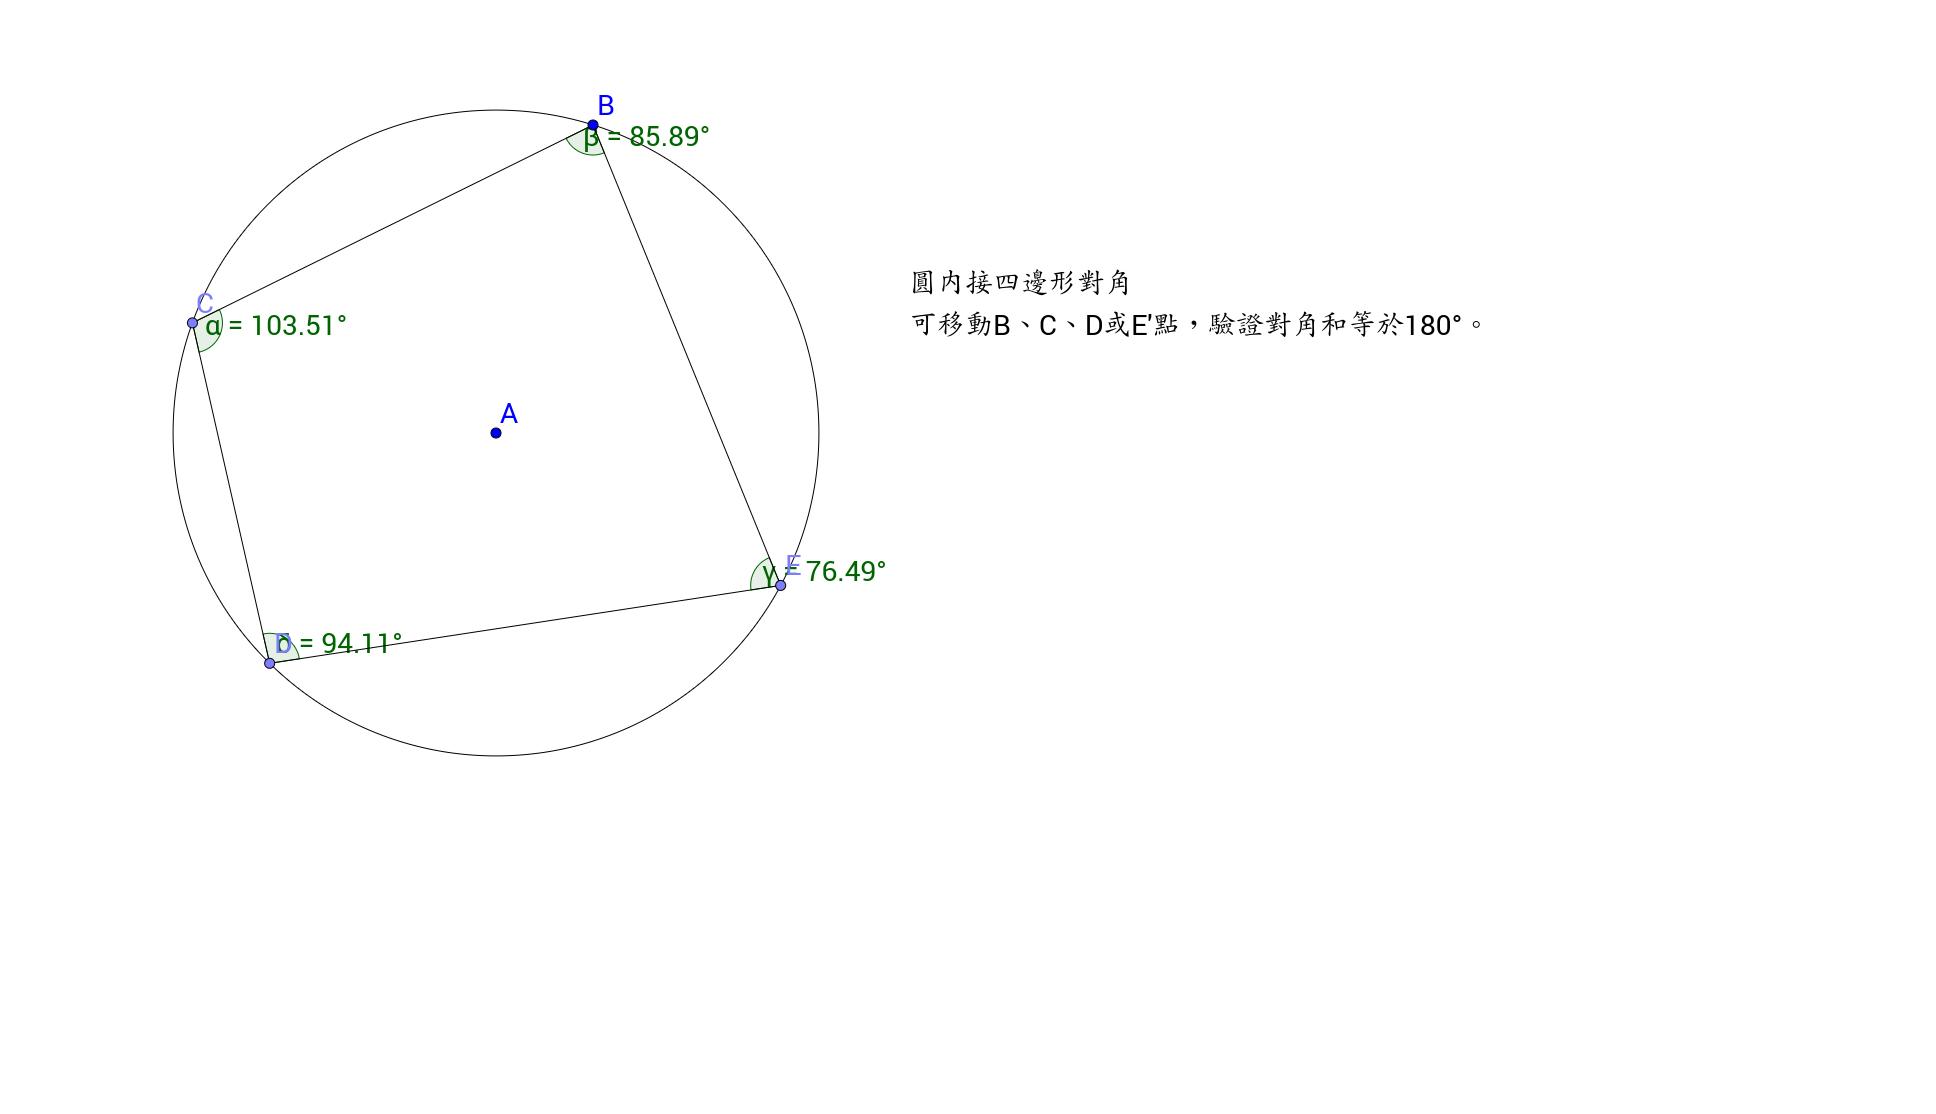 圓內接四邊形對角